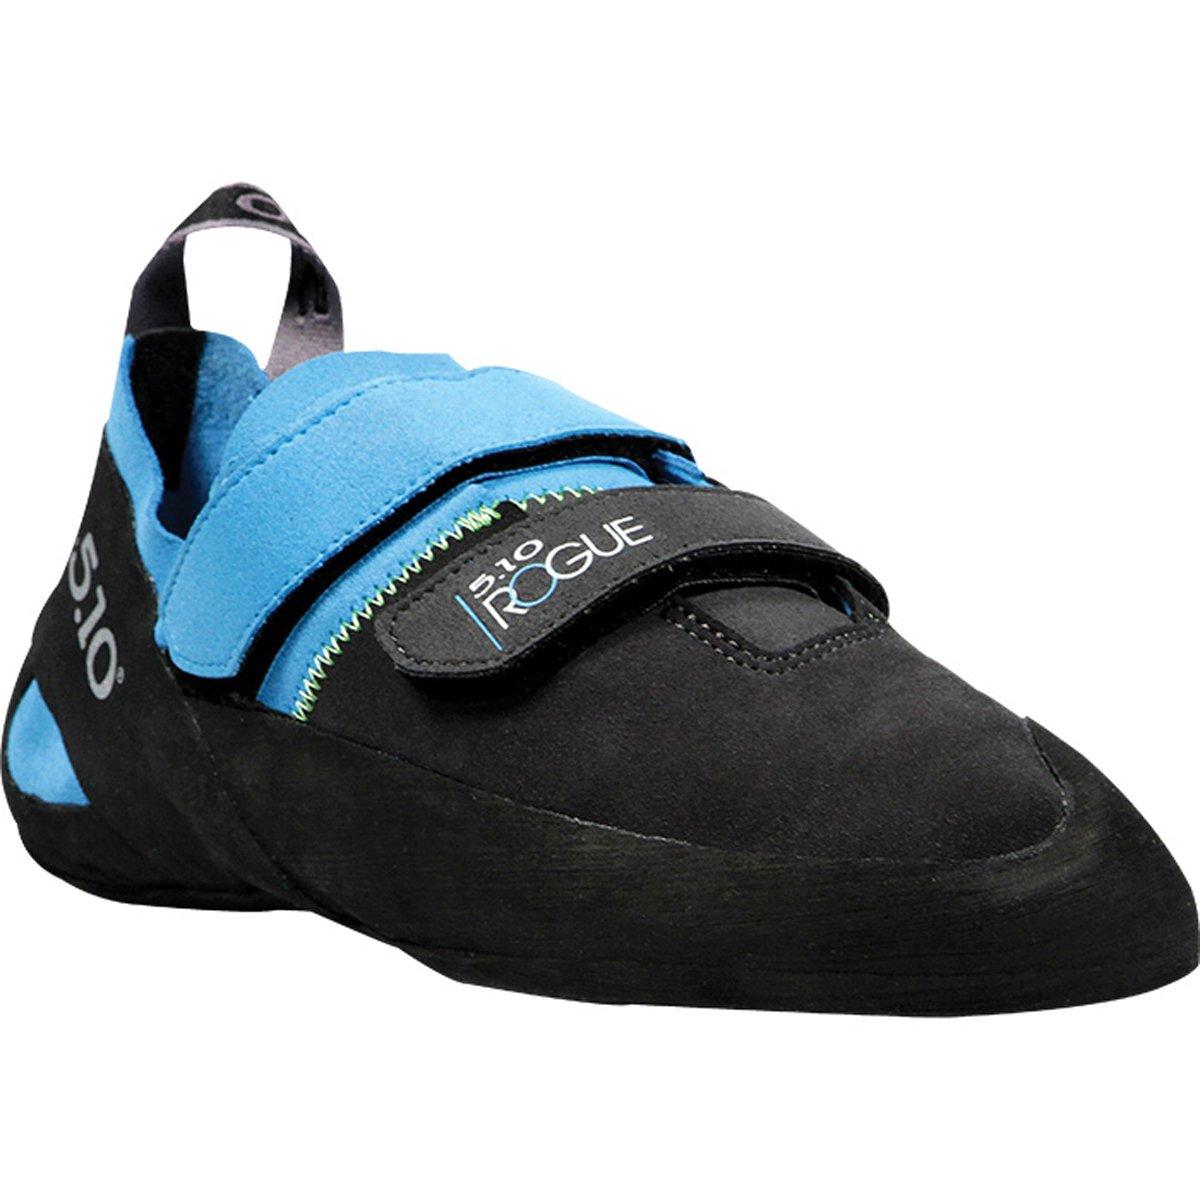 Five Ten Women's Rogue VCS Climbing Shoe B07CVN42V7 12.5|Neon Blue/Charcoal